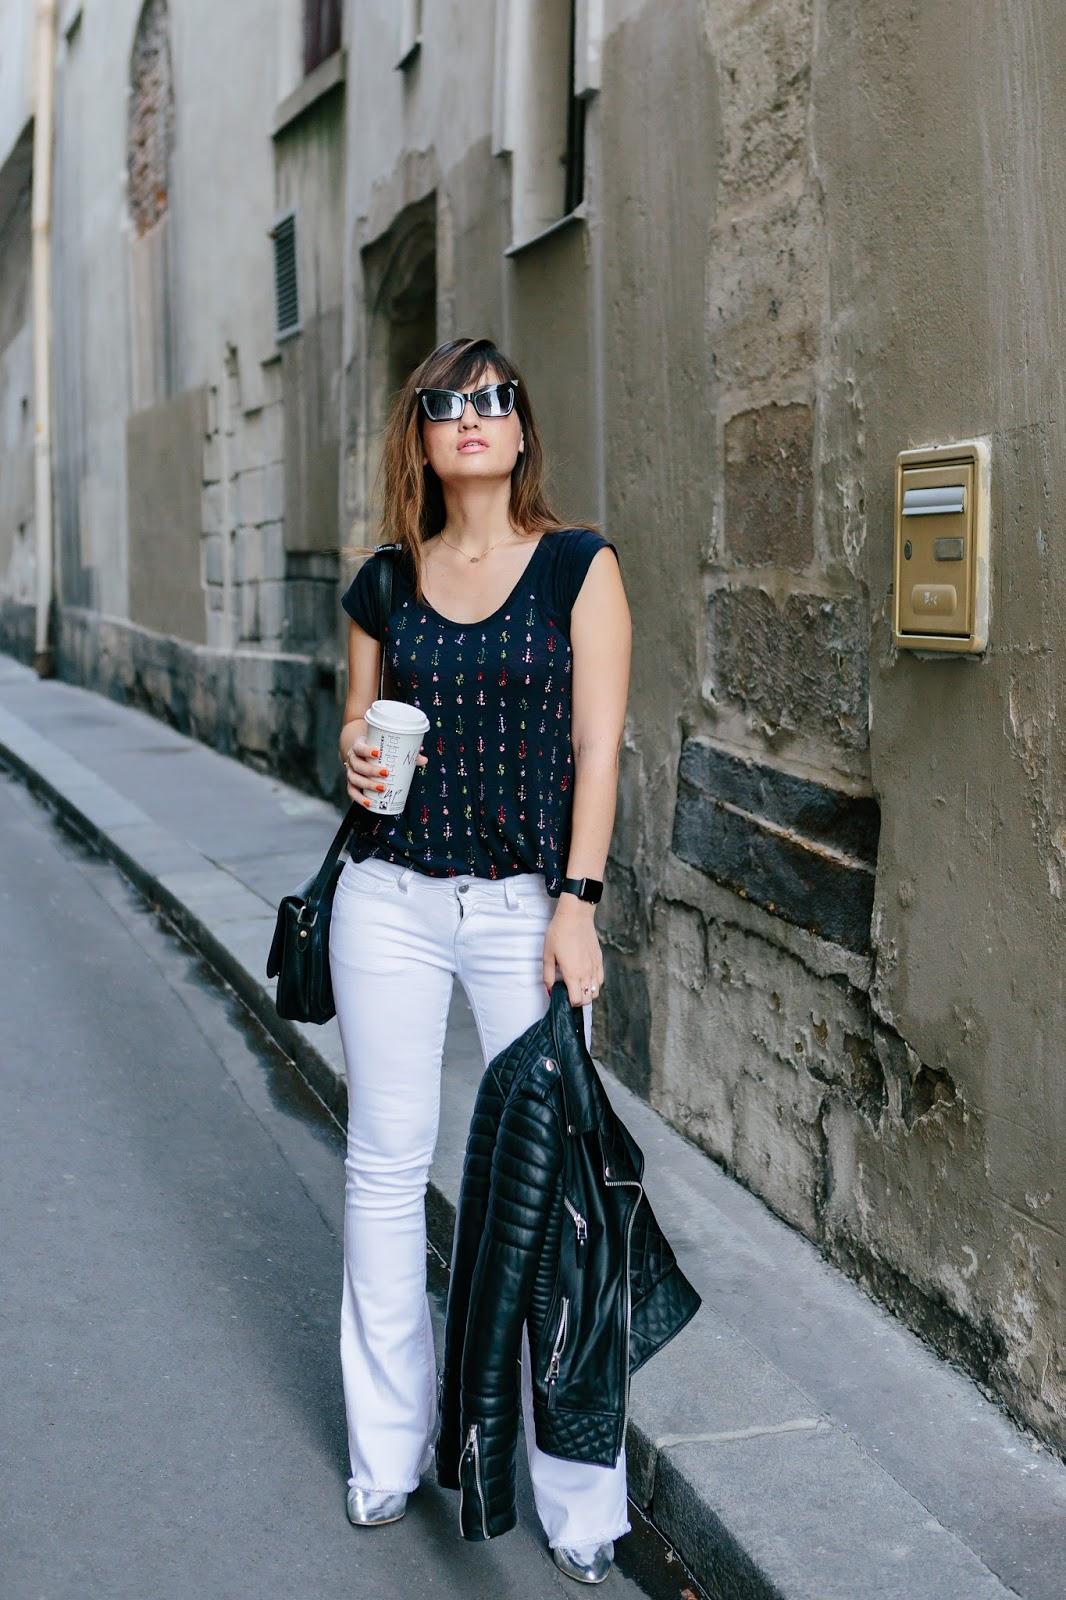 博客,巴黎风,当日风尚,别致的风格,与我见面